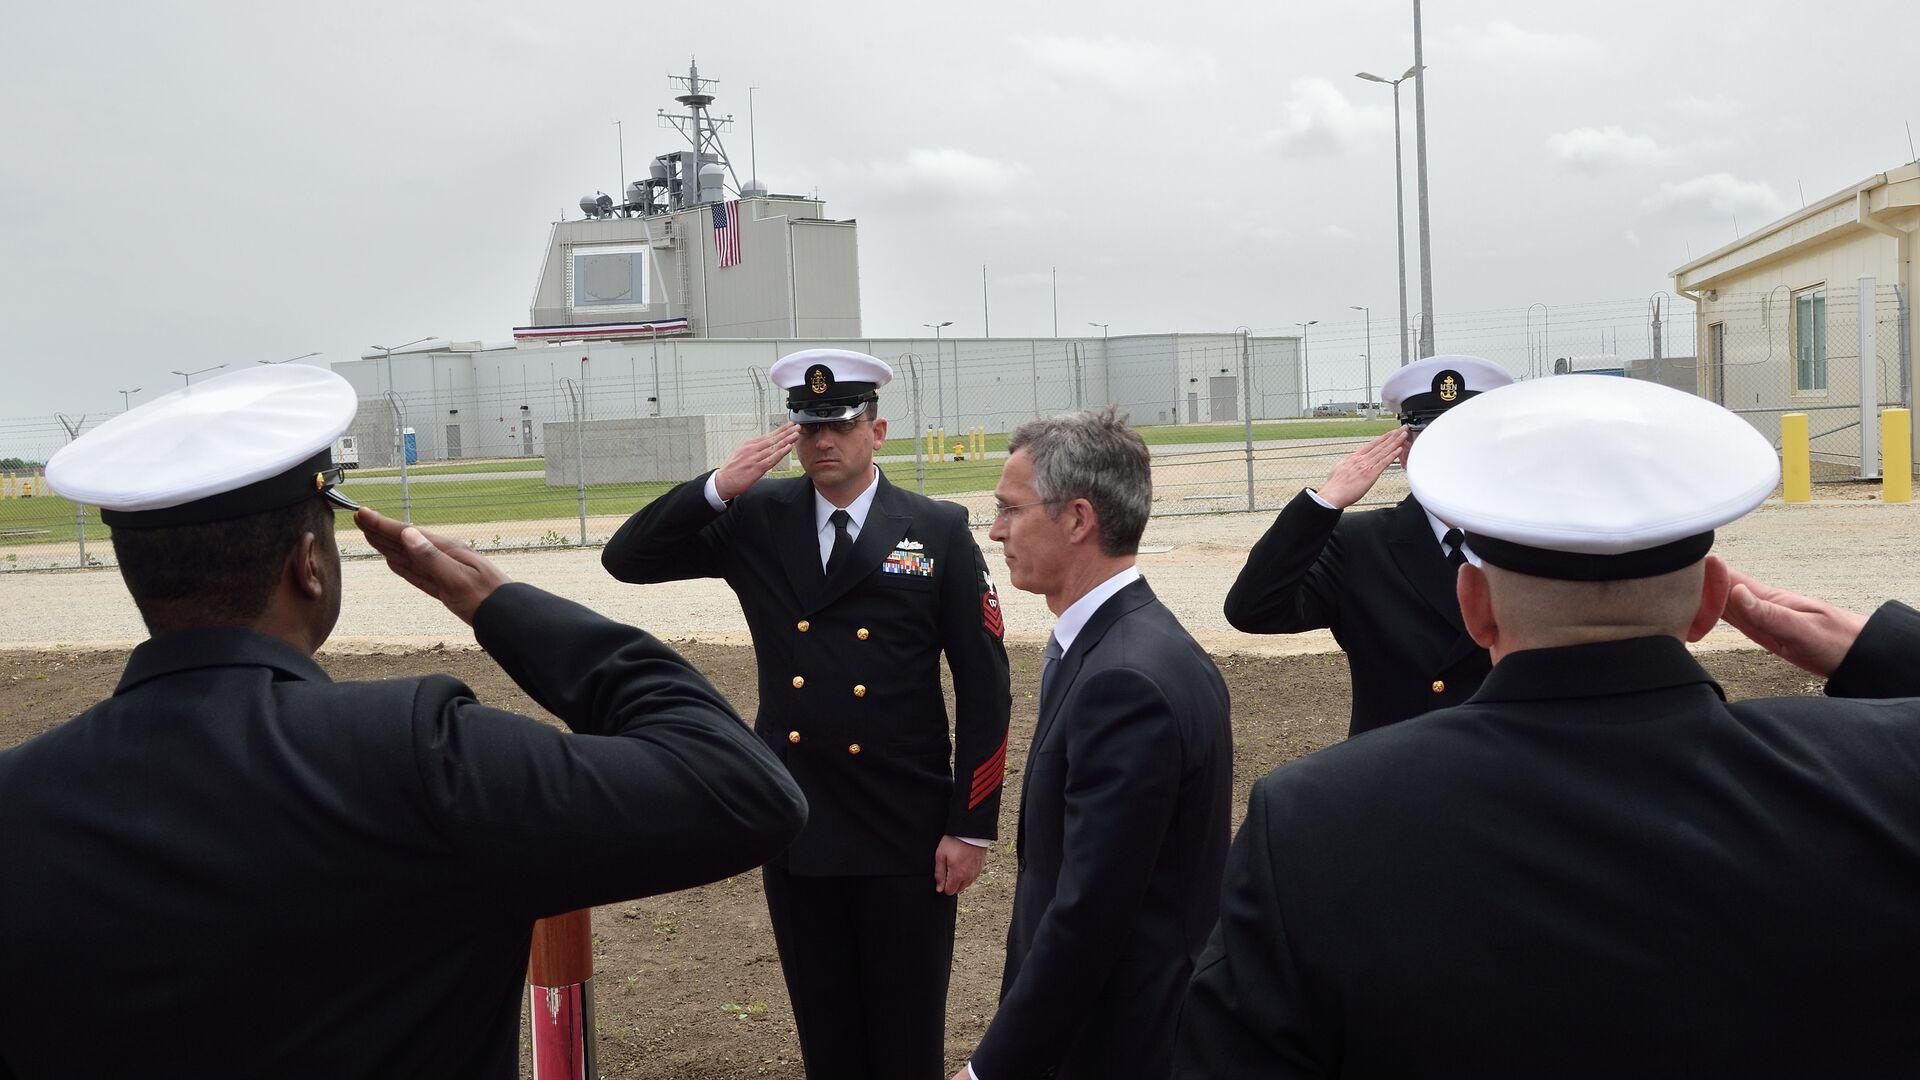 Генеральный секретарь НАТО Йенс Столтенберг на открытии наземной стационарной части американского комплекса Aegis Ashore в Румынии. Май 2016 - РИА Новости, 1920, 22.06.2021